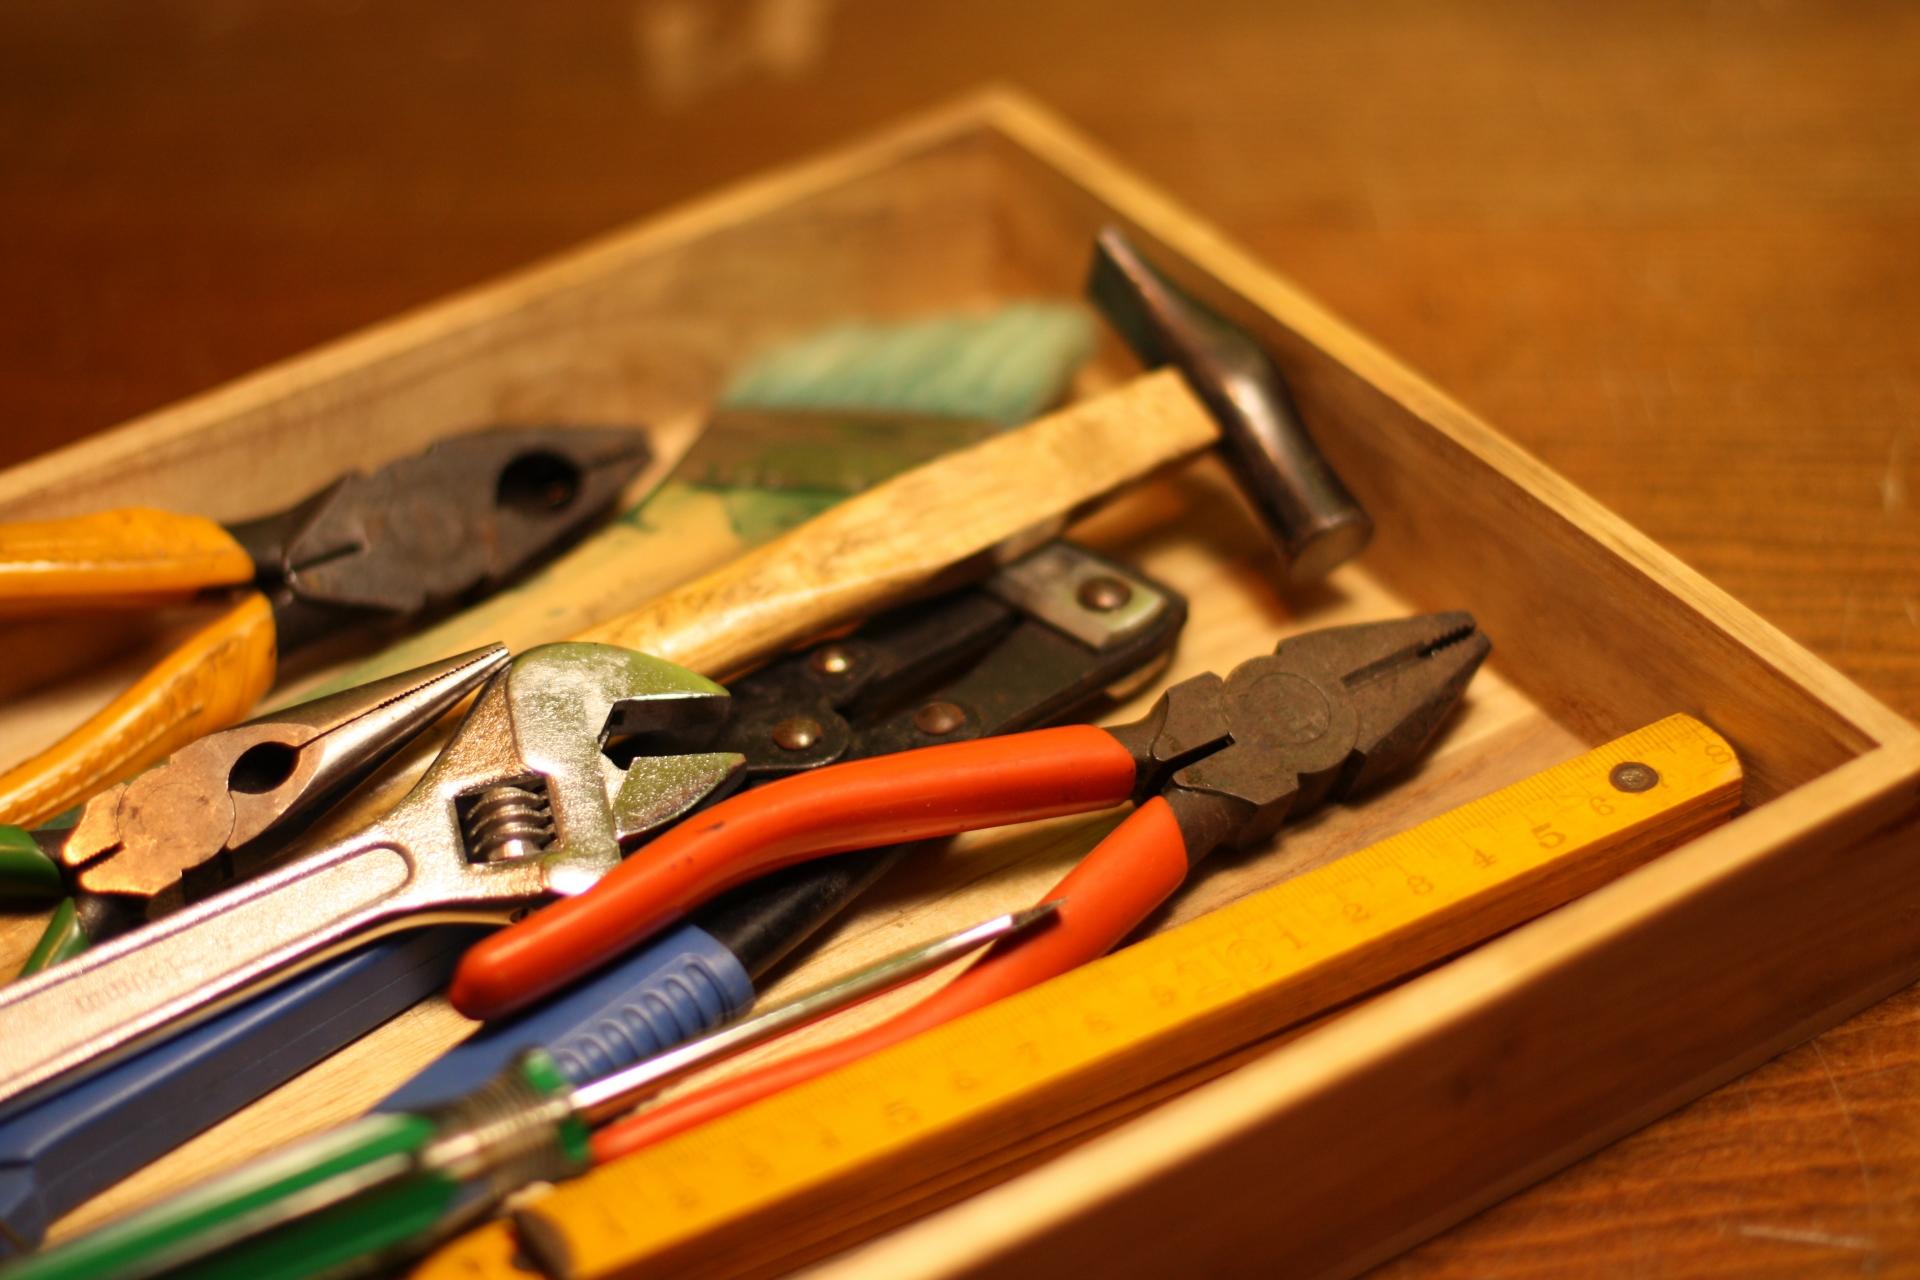 工具の収納にはこんなアイデアも!おすすめ収納方法を掲載!